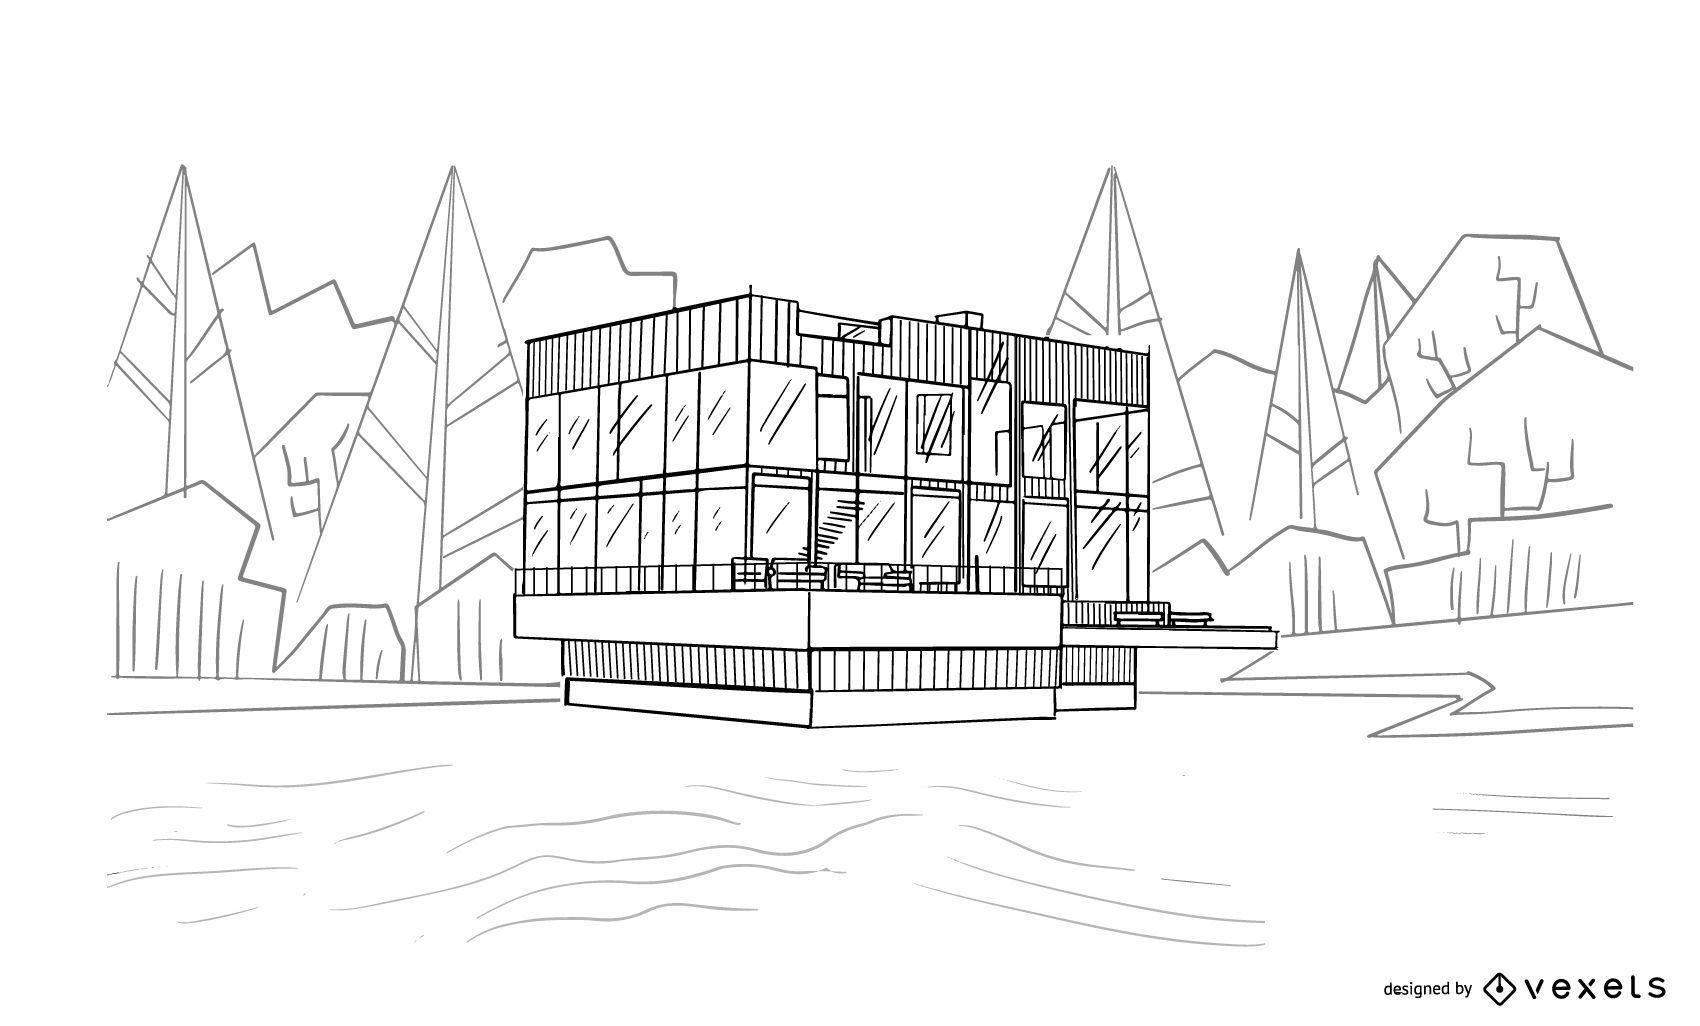 Arquitetura House Sketch Design